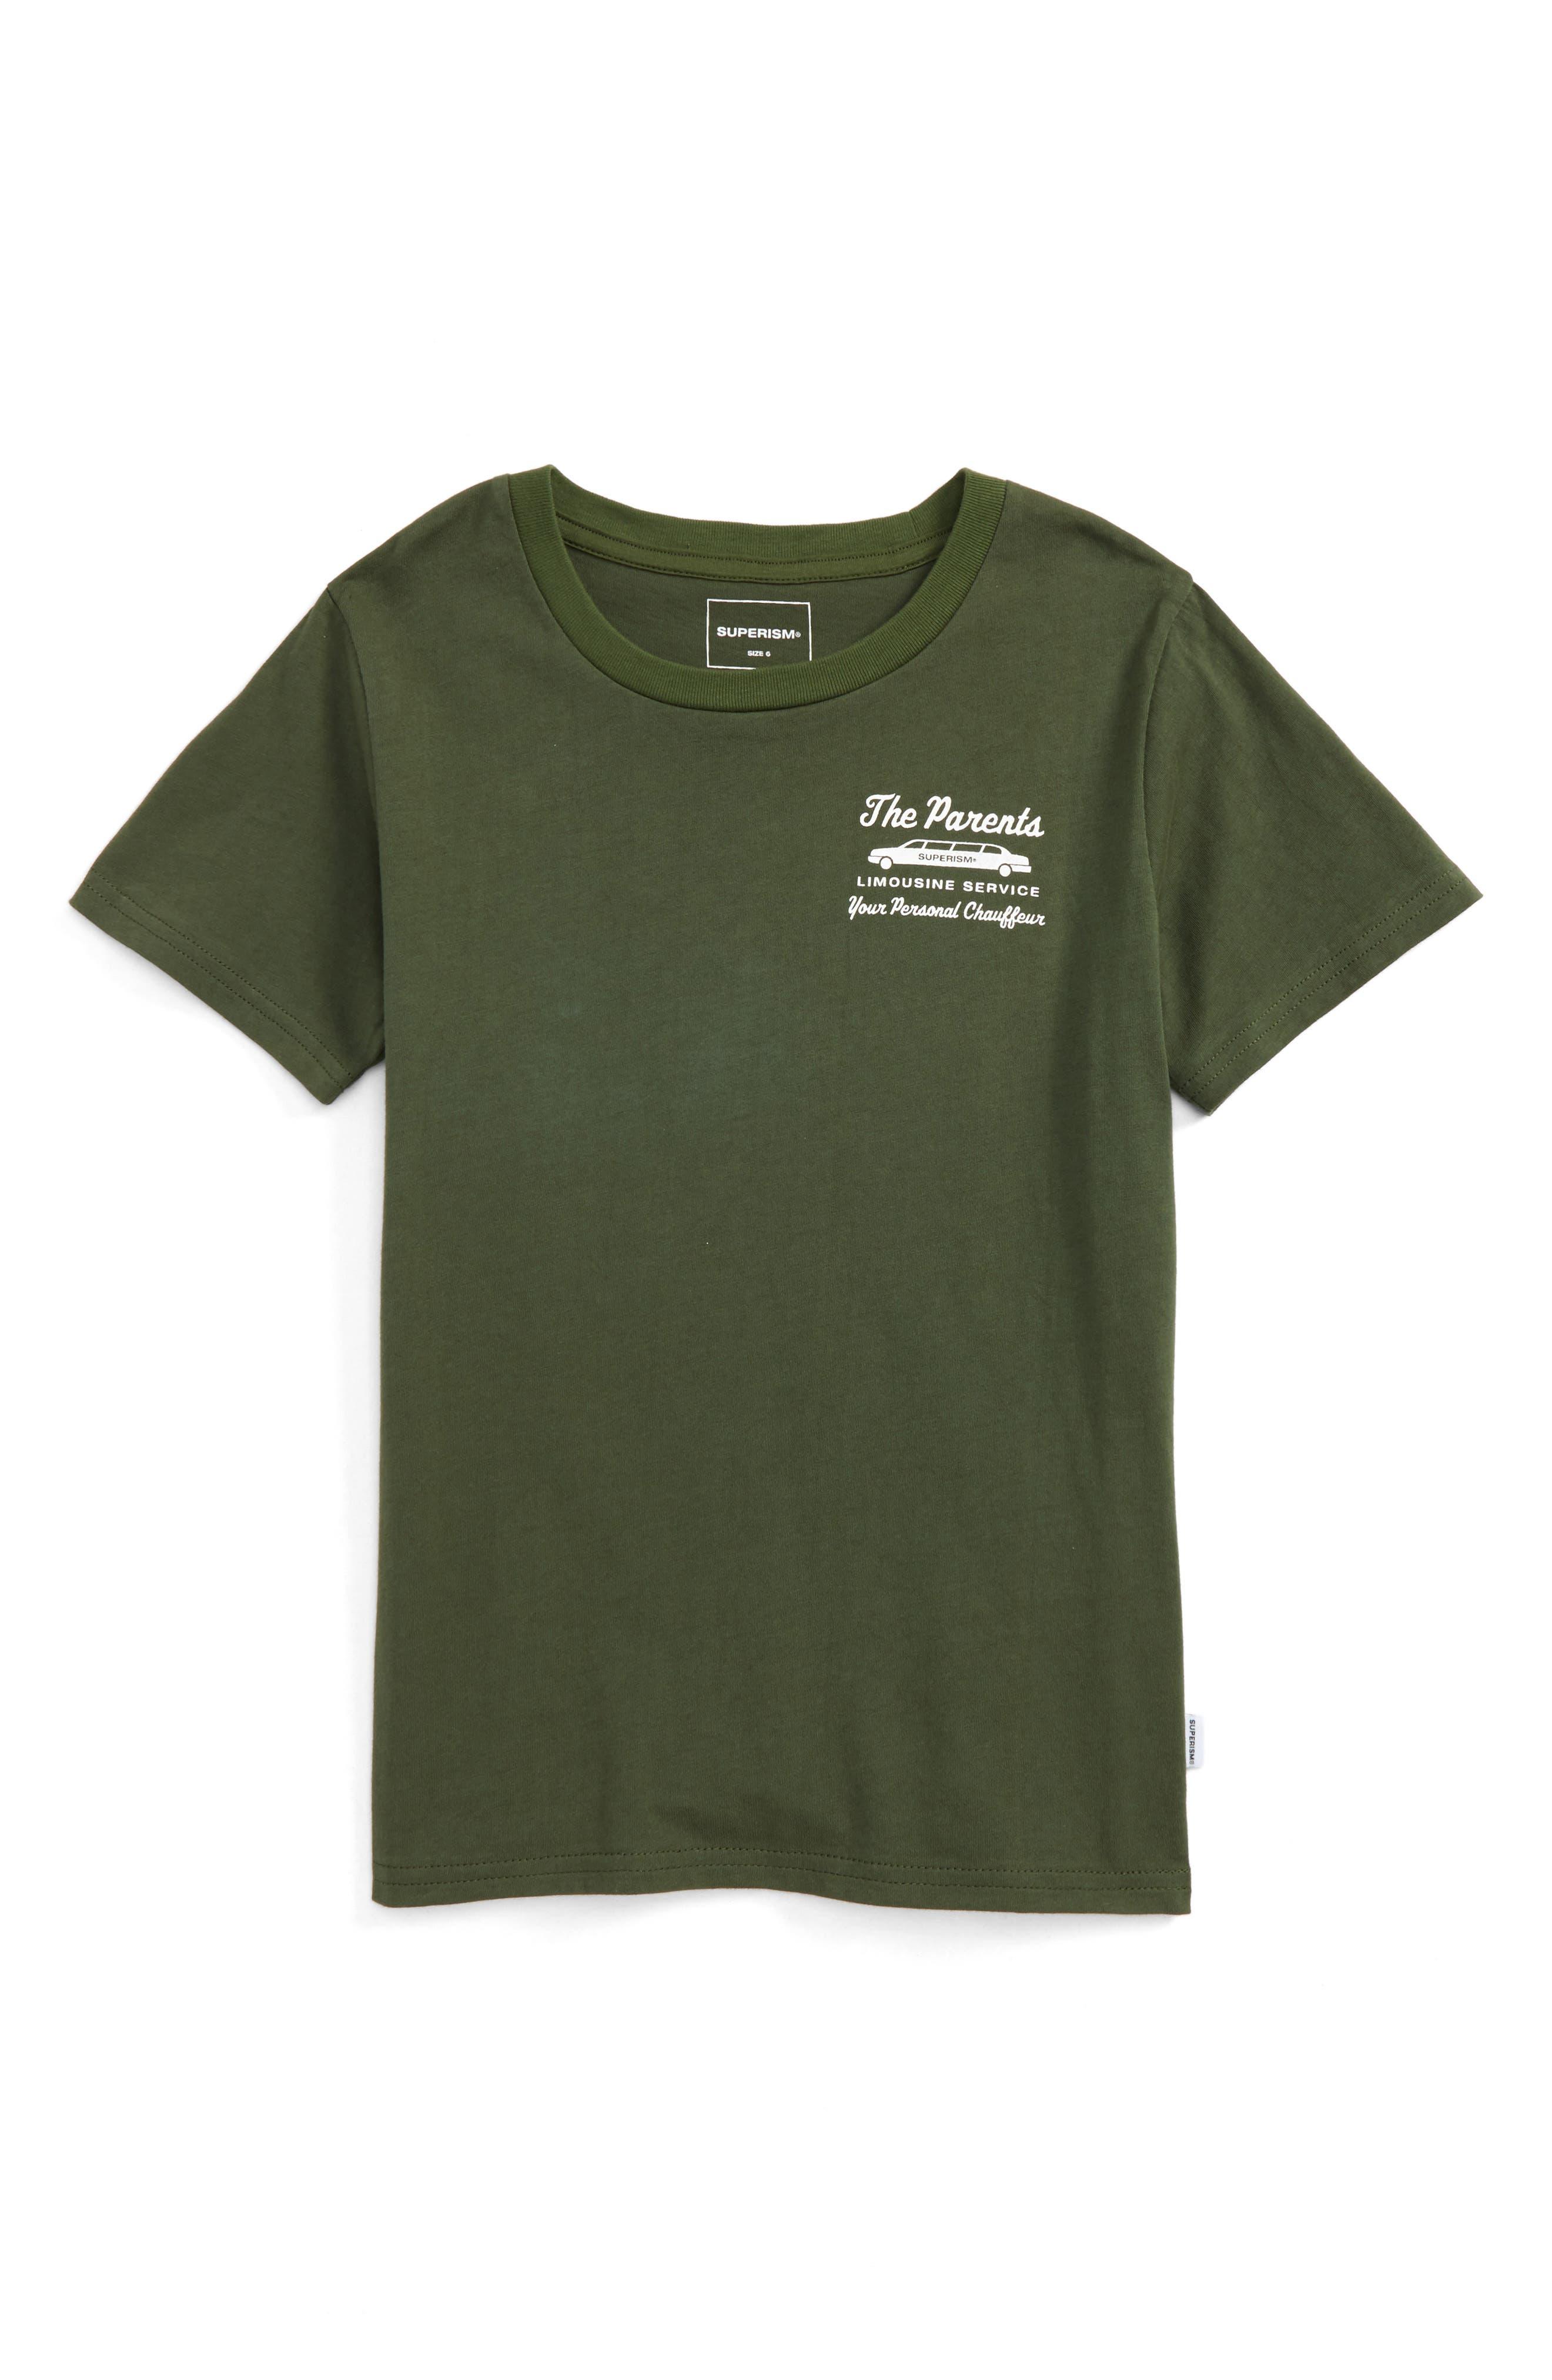 The Parents Limousine Service T-Shirt,                         Main,                         color, Olive